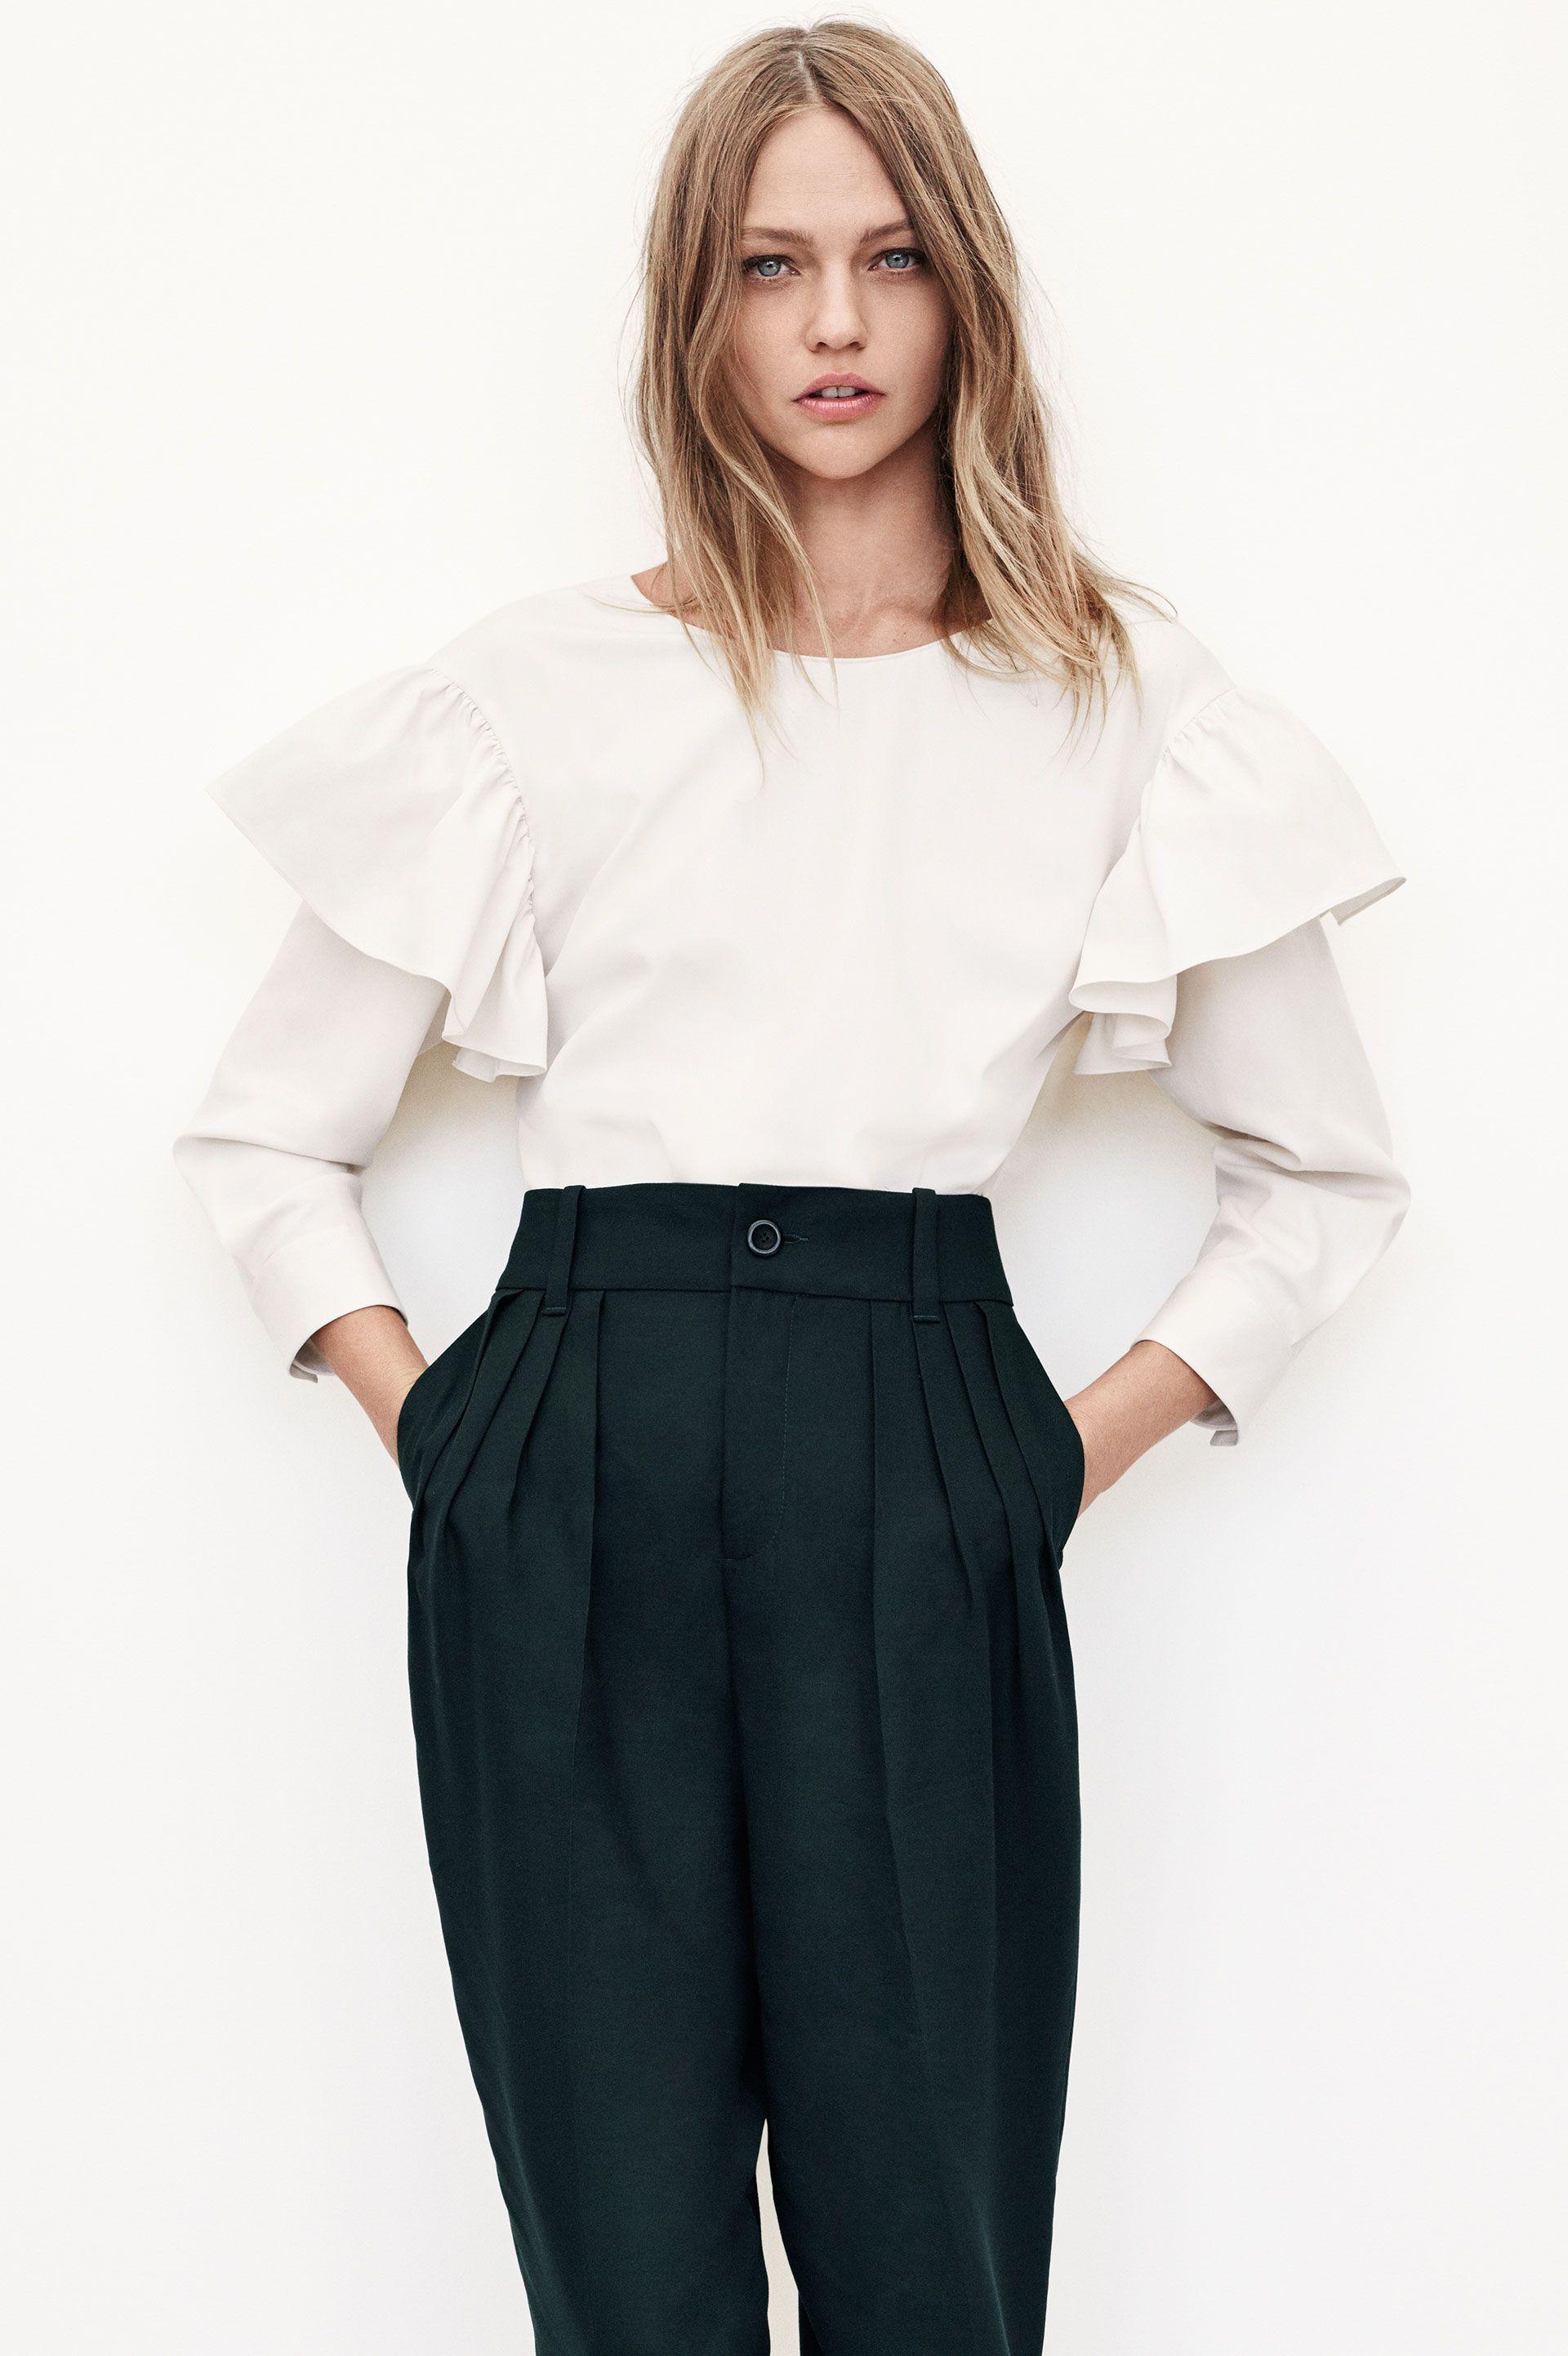 Editorial Join Life Mujer Zara Espana Kleding Kleren Zara